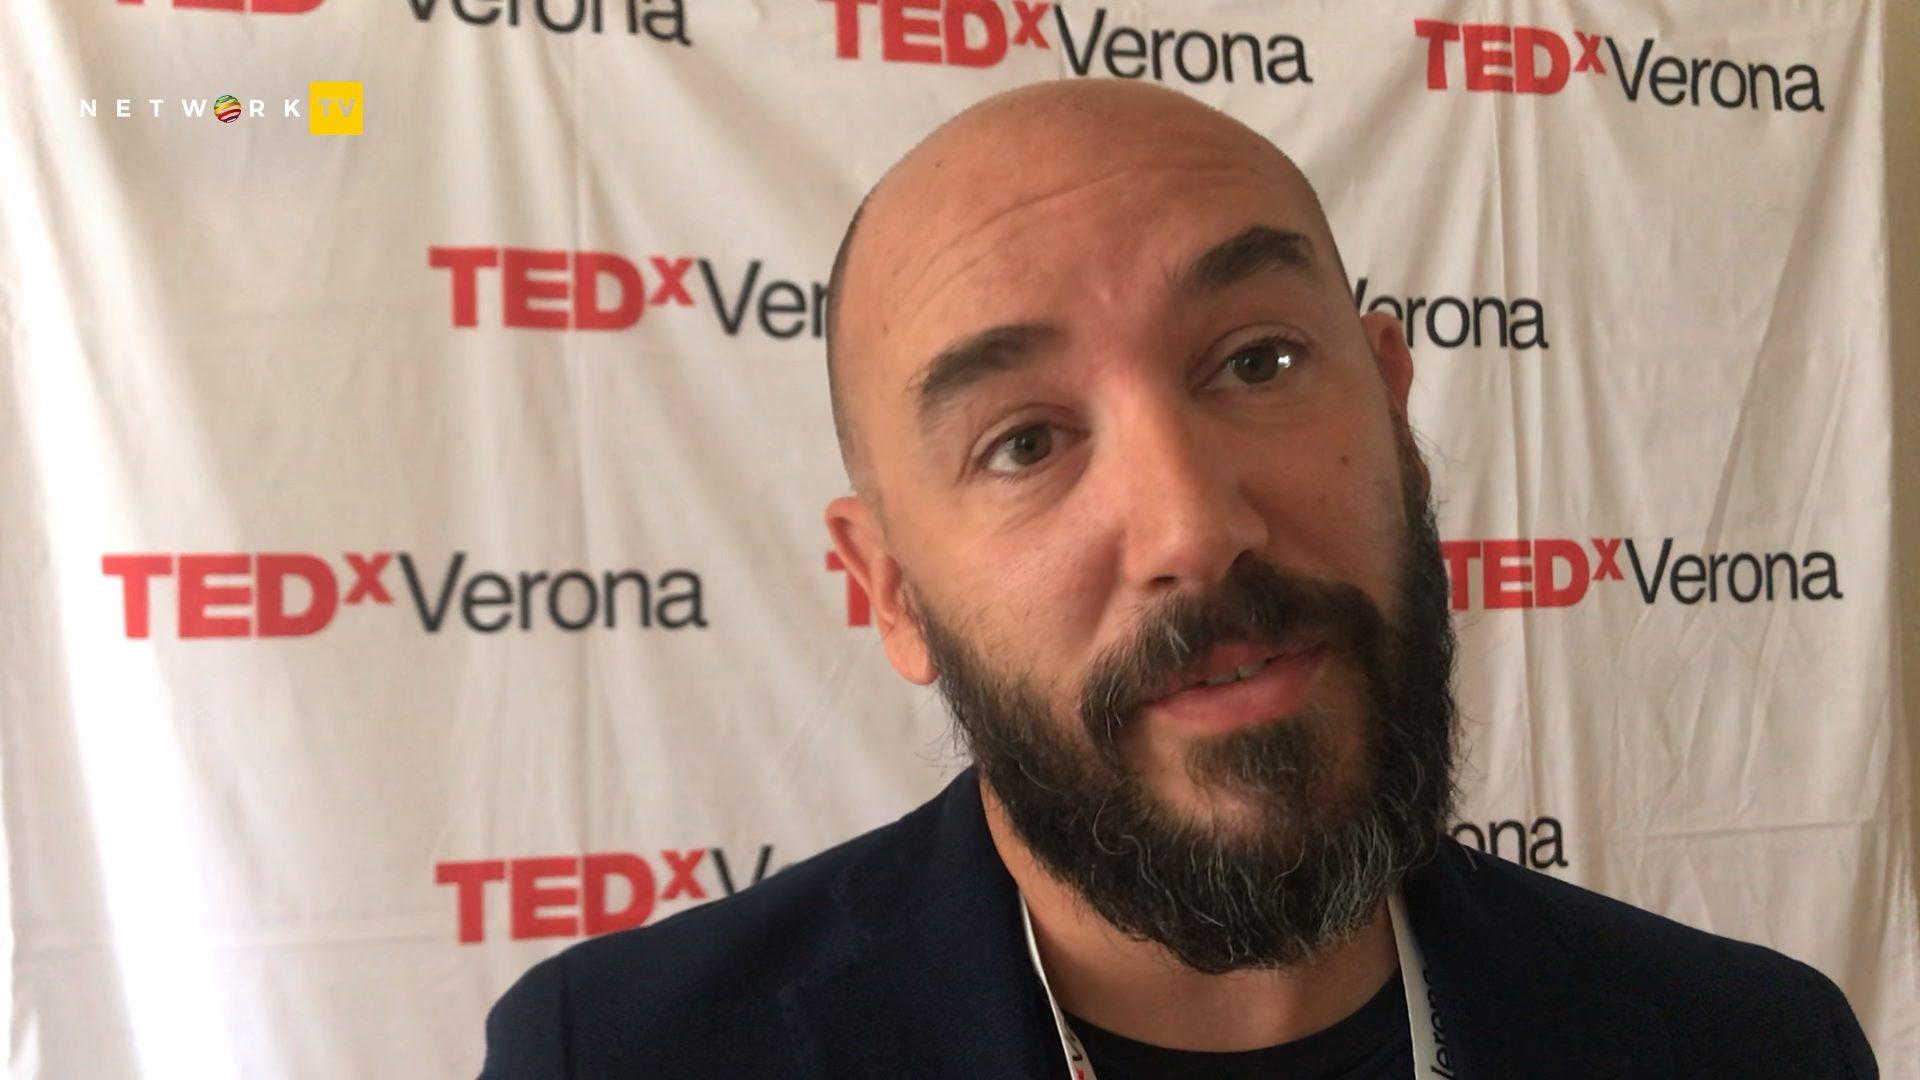 TEDxVerona Alberto Mattiello